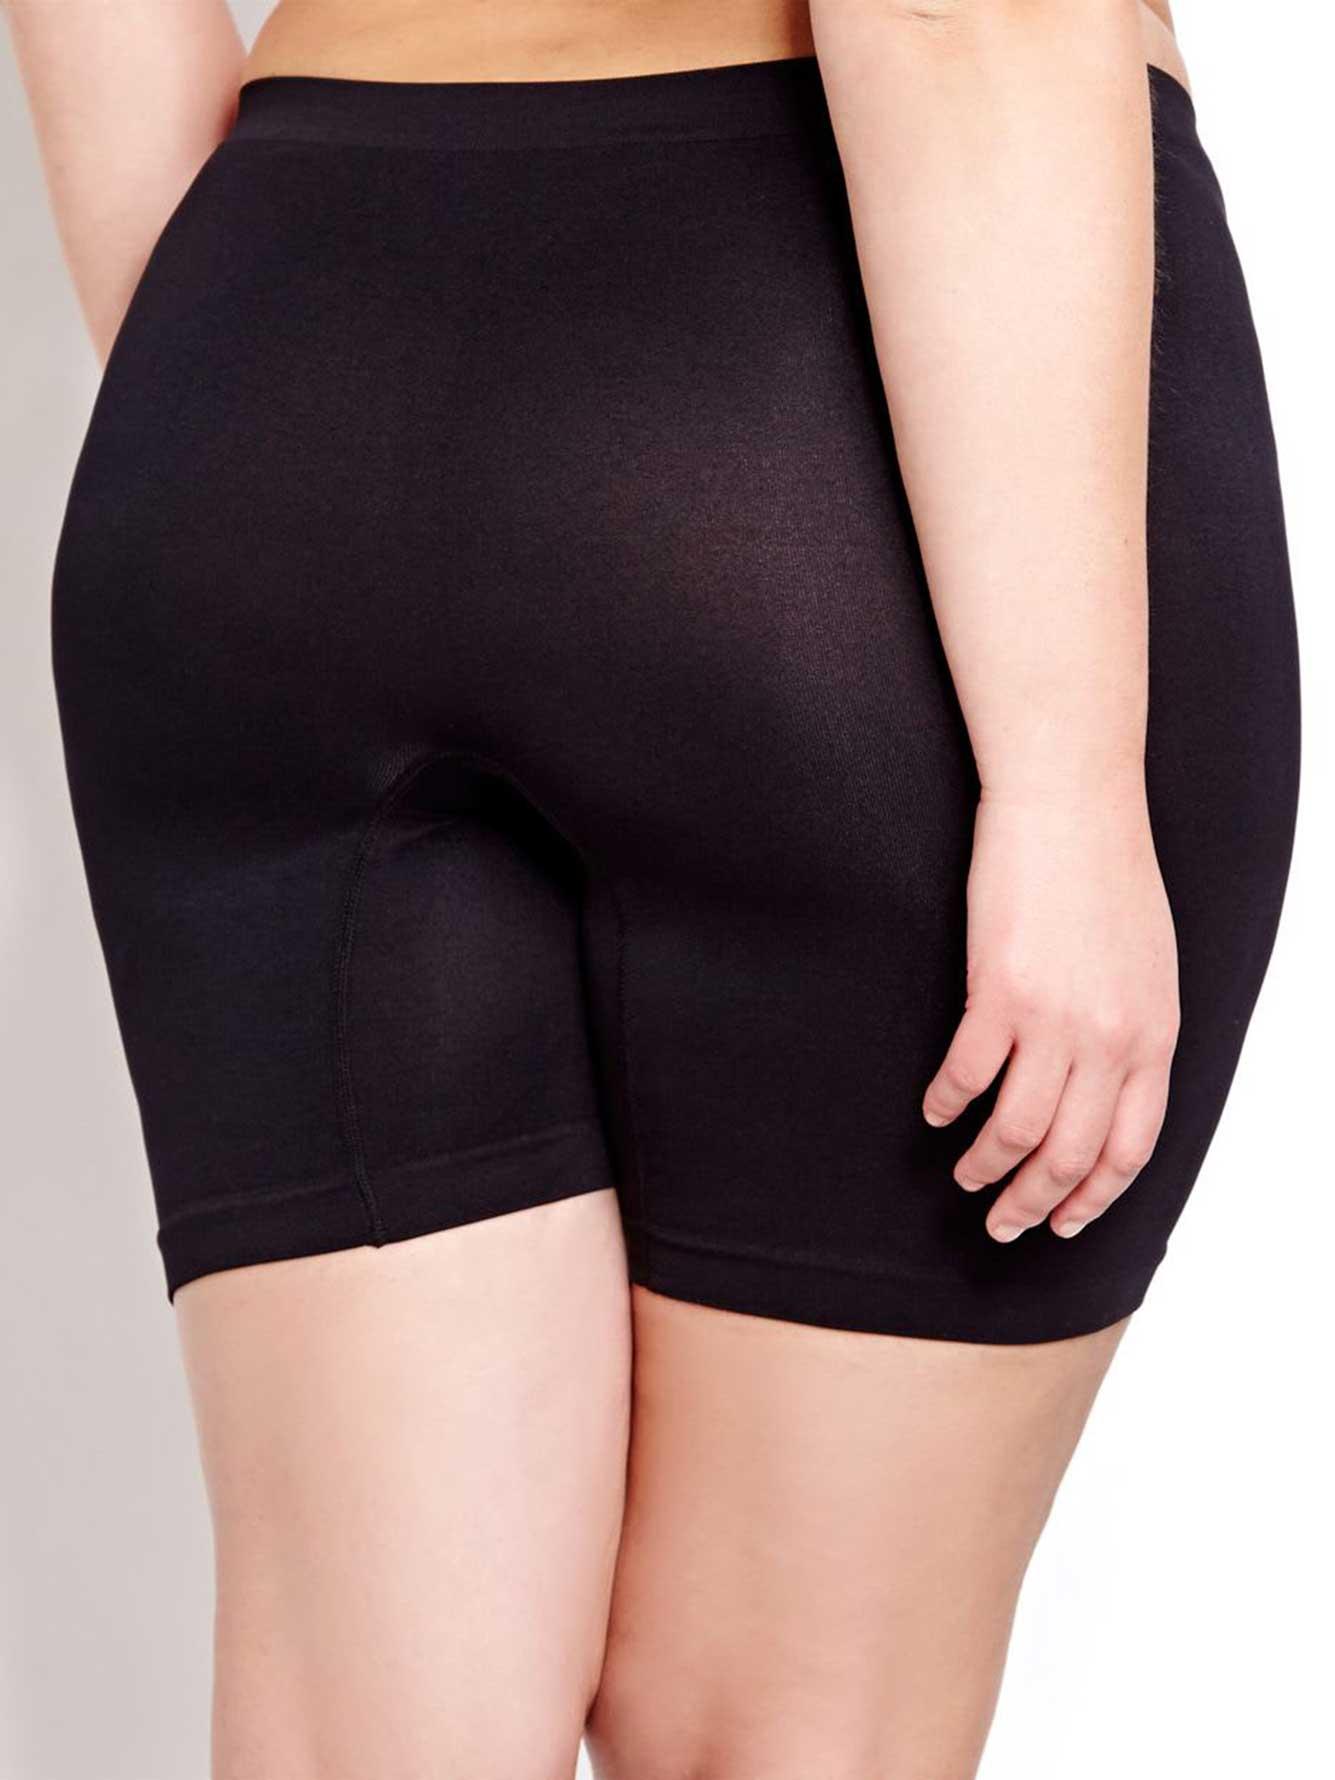 b1490a708f4 Seamless Long Leg Panty